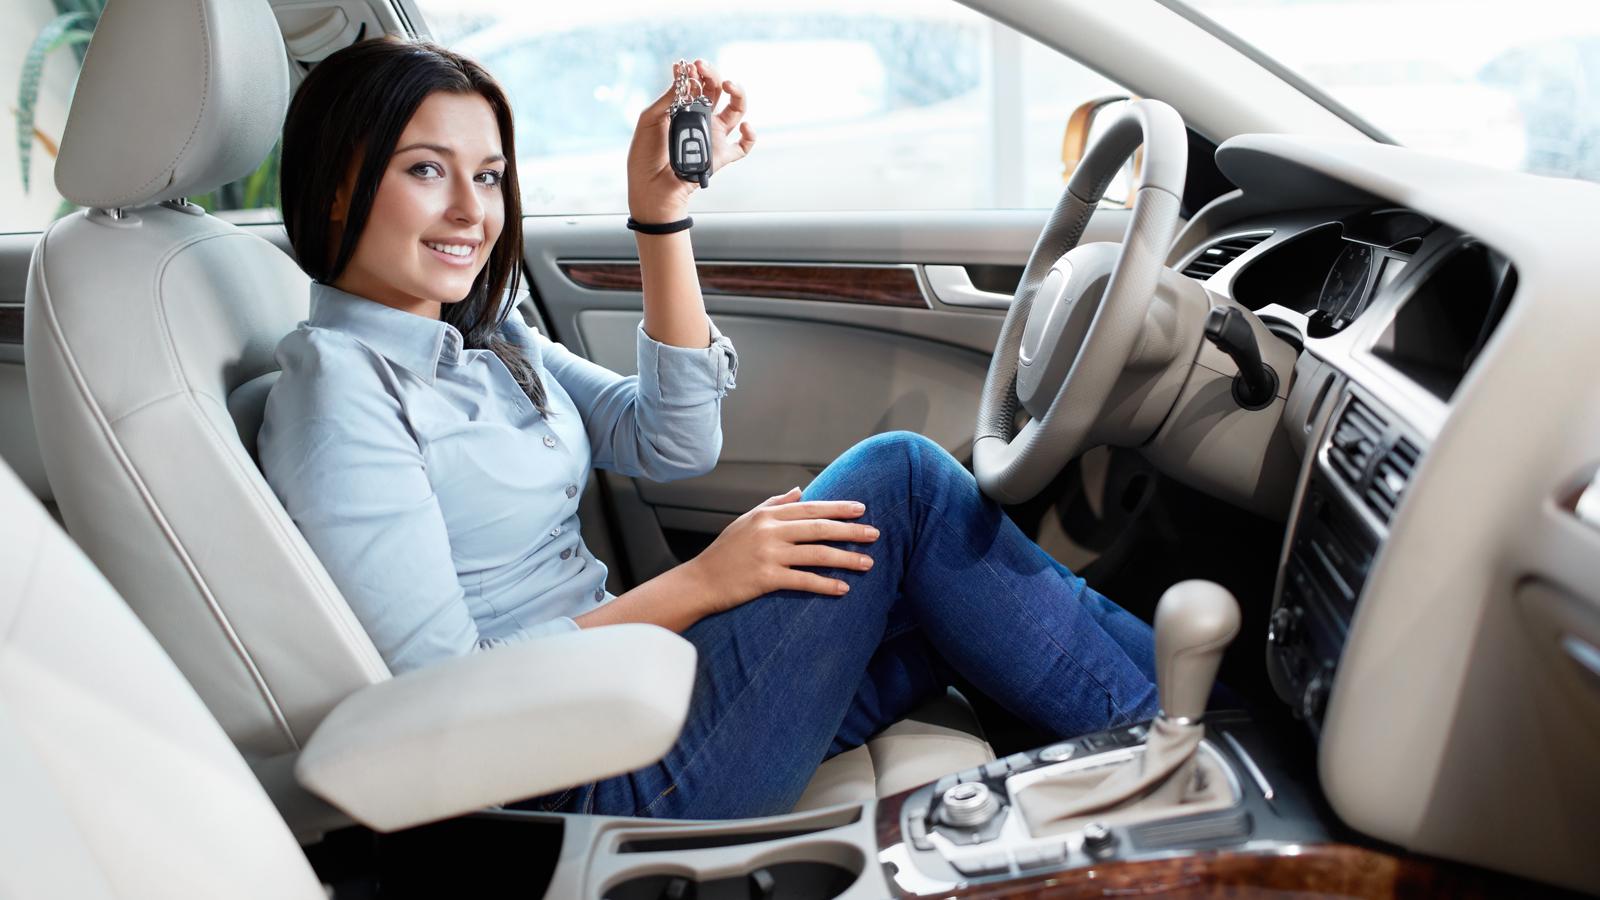 Новые правила регистрации автомобилей в 2019 году: изменения в 2019 году